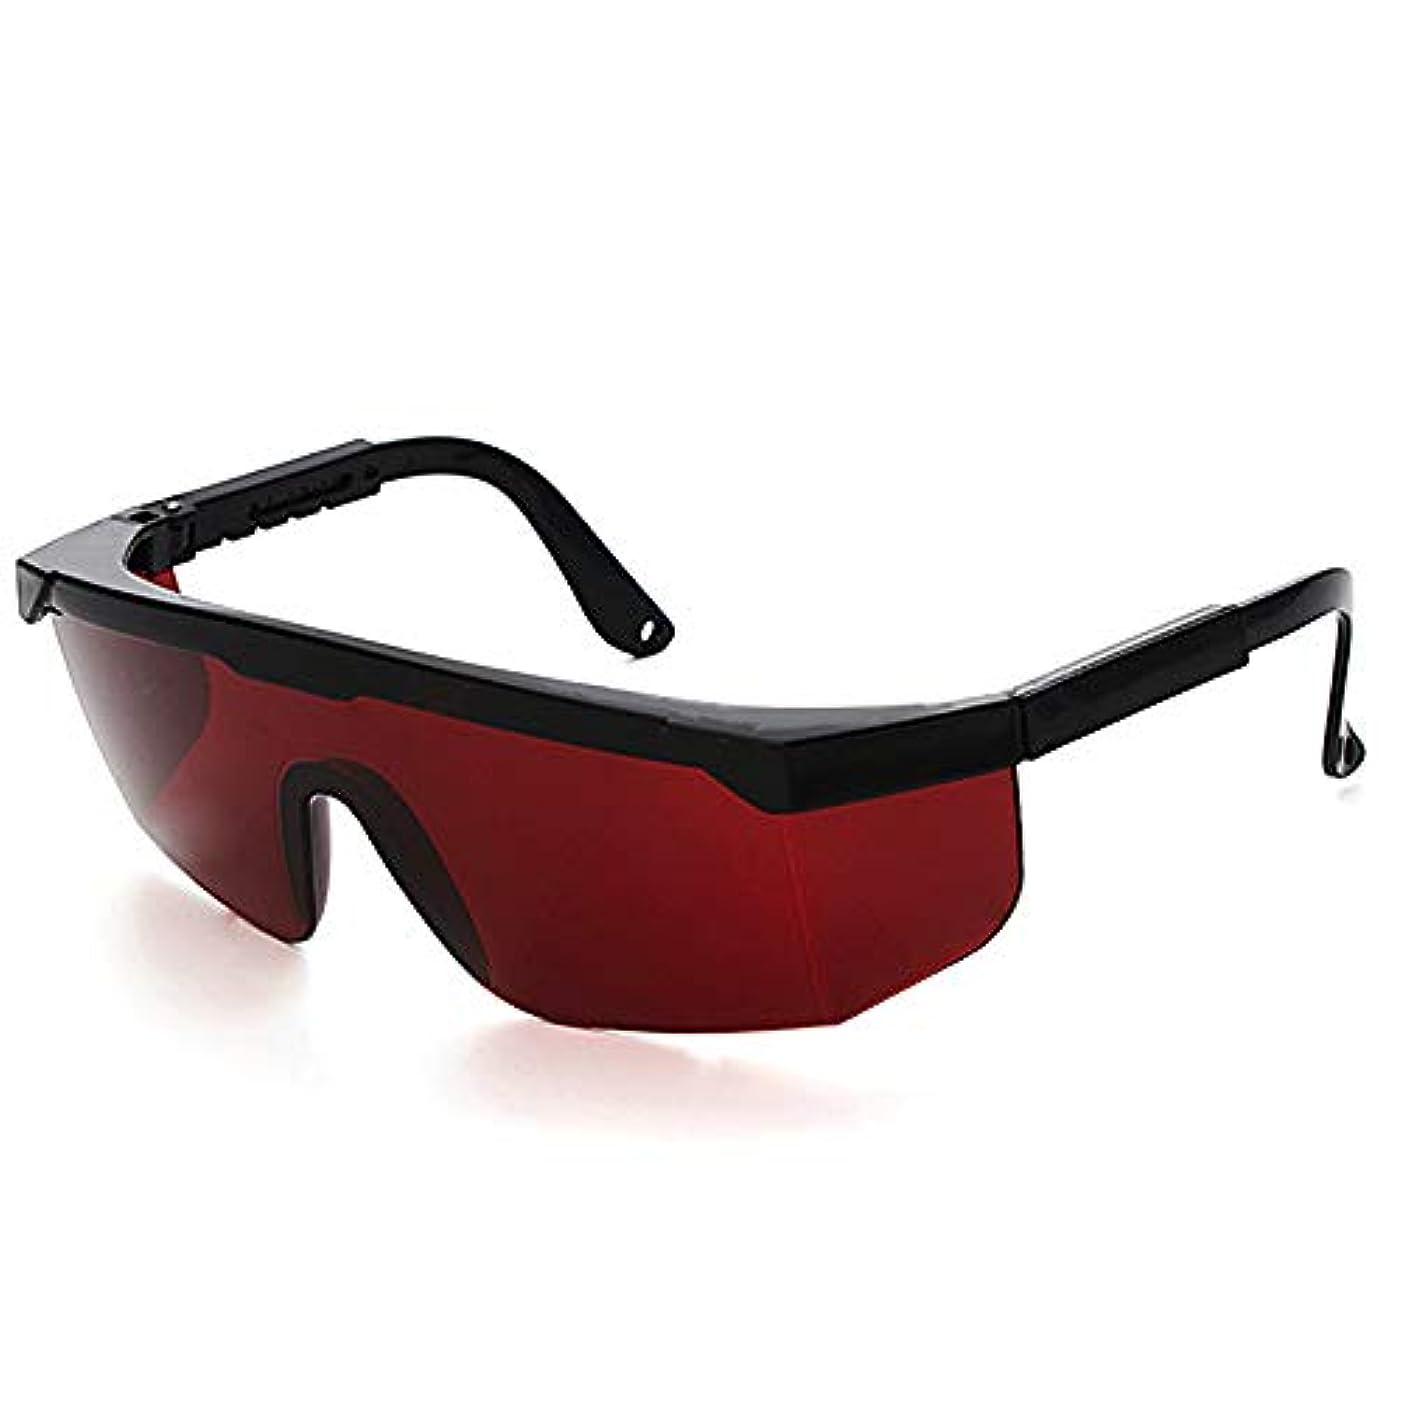 進行中自分自身セマフォJiayaofu レーザー保護メガネIPL美容機器メガネレーザーペアIPLメガネ、安全メガネ